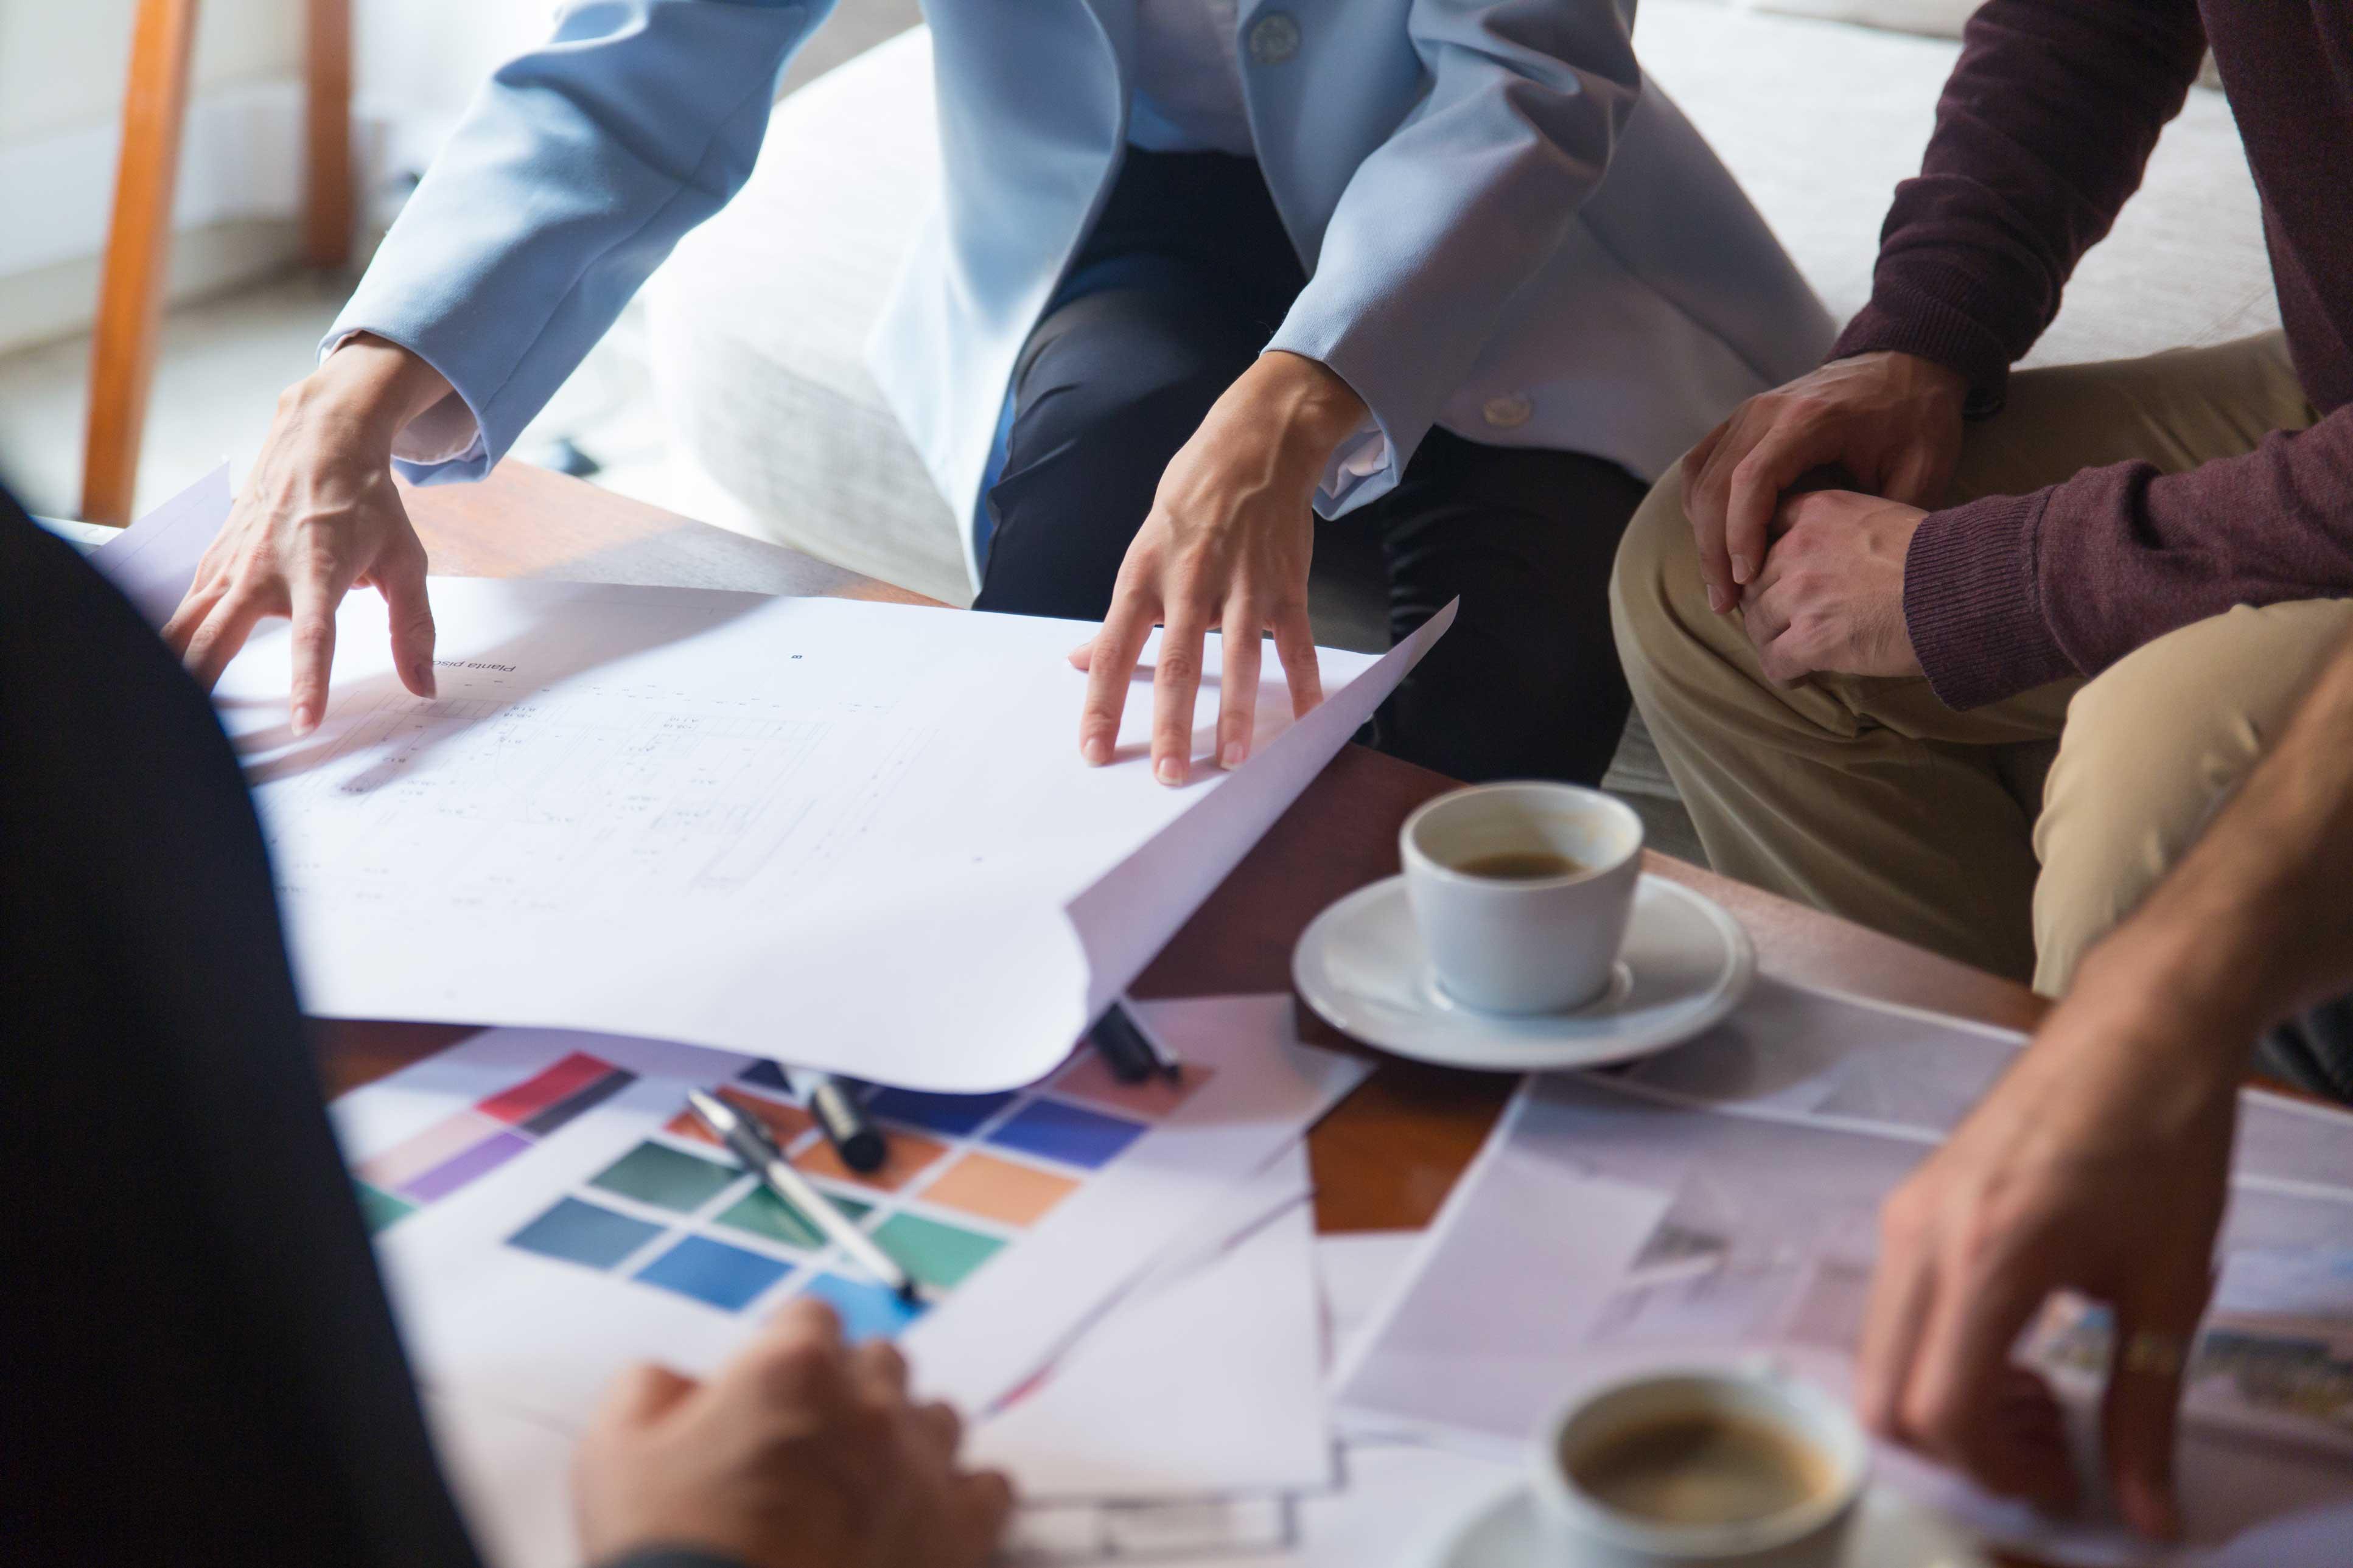 طراحی رابط کاربری و تعیین استراتژی